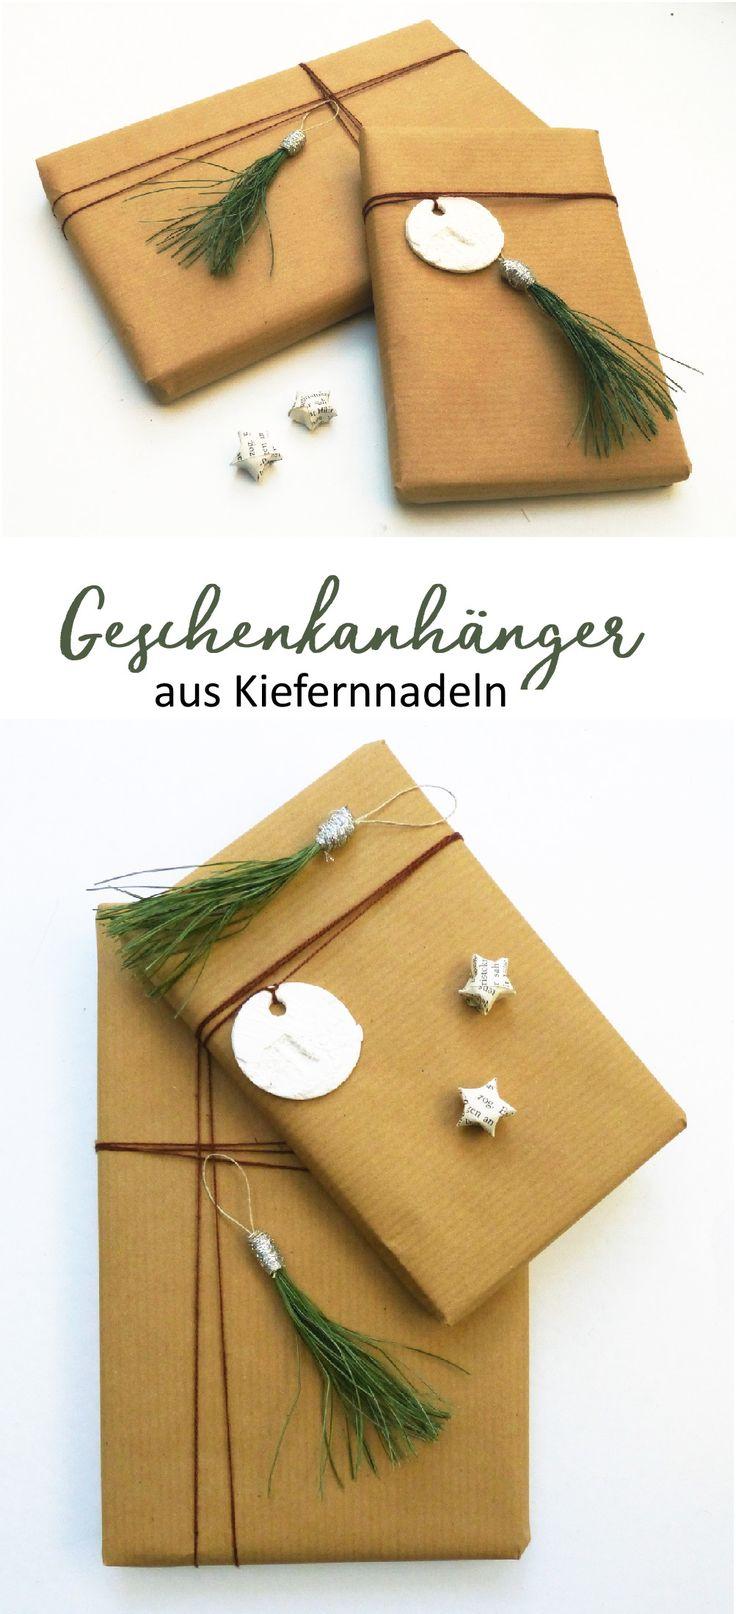 DIY Geschenkanhänger aus Nadeln. Natürliche Deko aus dem Wald, Tannenduft inklusive.   #Geschenkanhänger